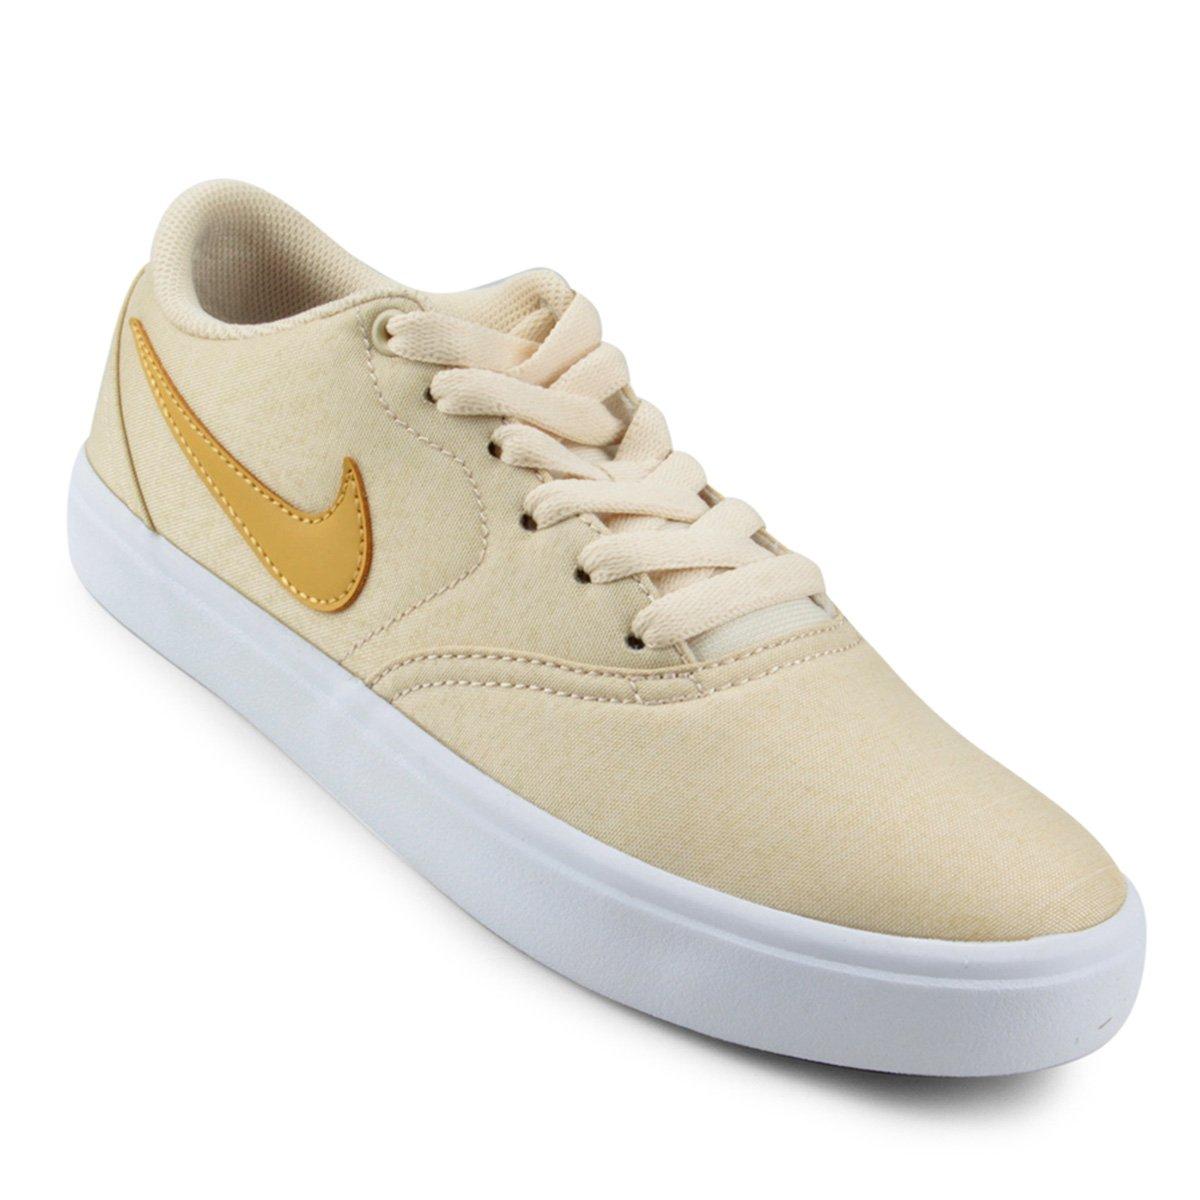 63b8af63c Tênis Nike Wmns Sb Check Solar Cvs P Feminino - Amarelo - Compre Agora